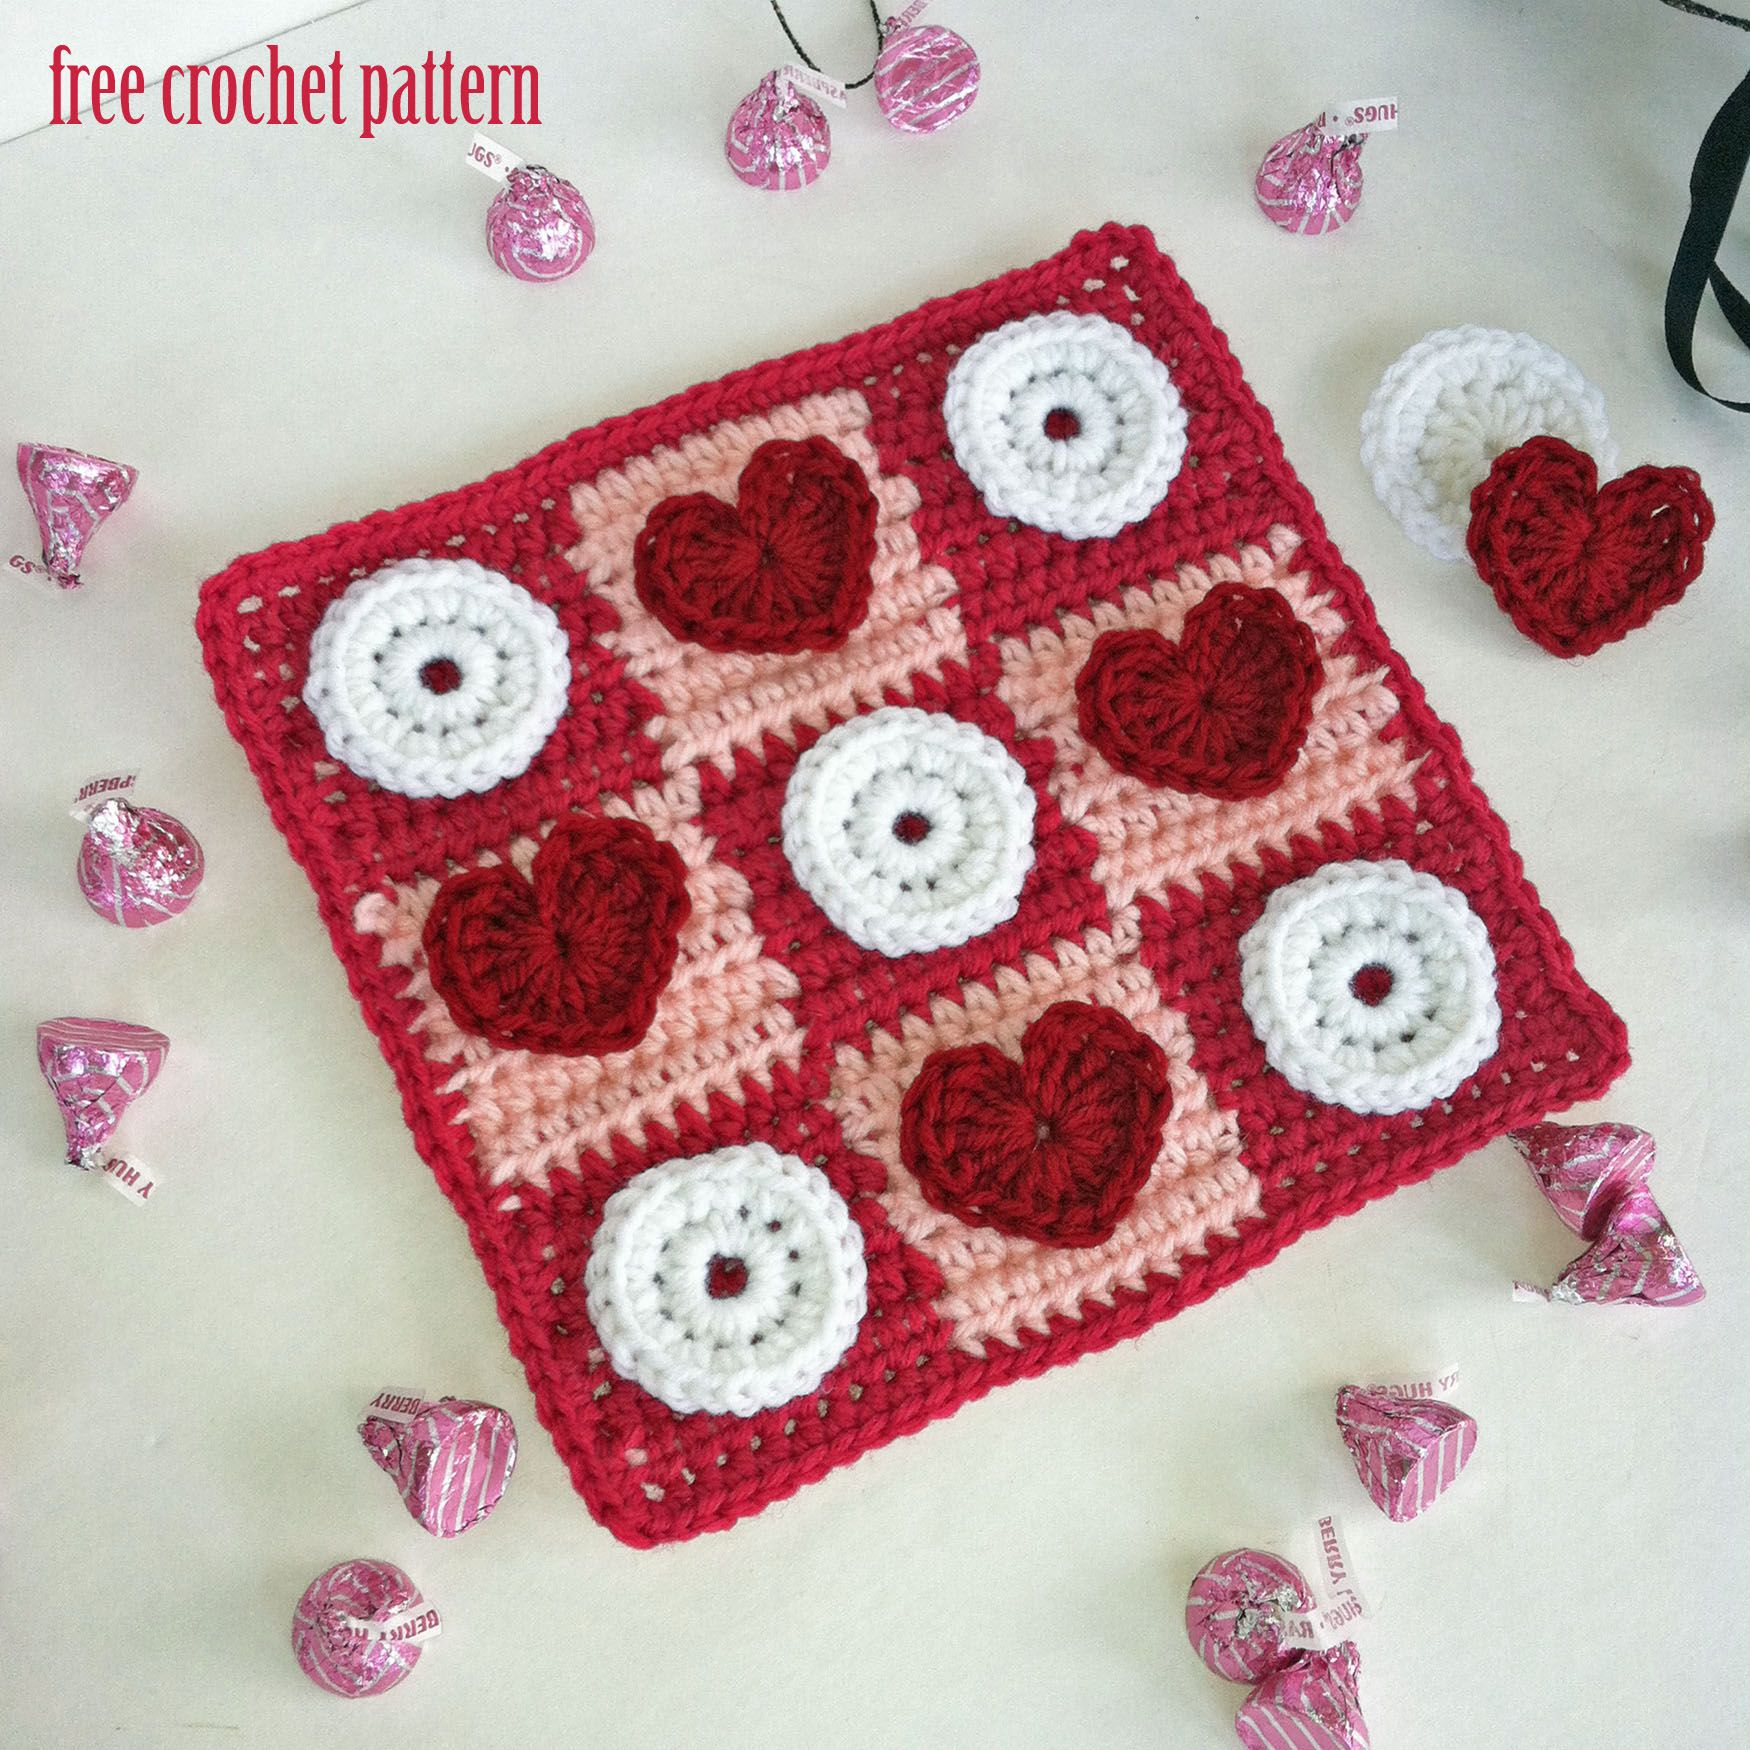 Crochet Pattern For Board Games Free Crochet Pattern